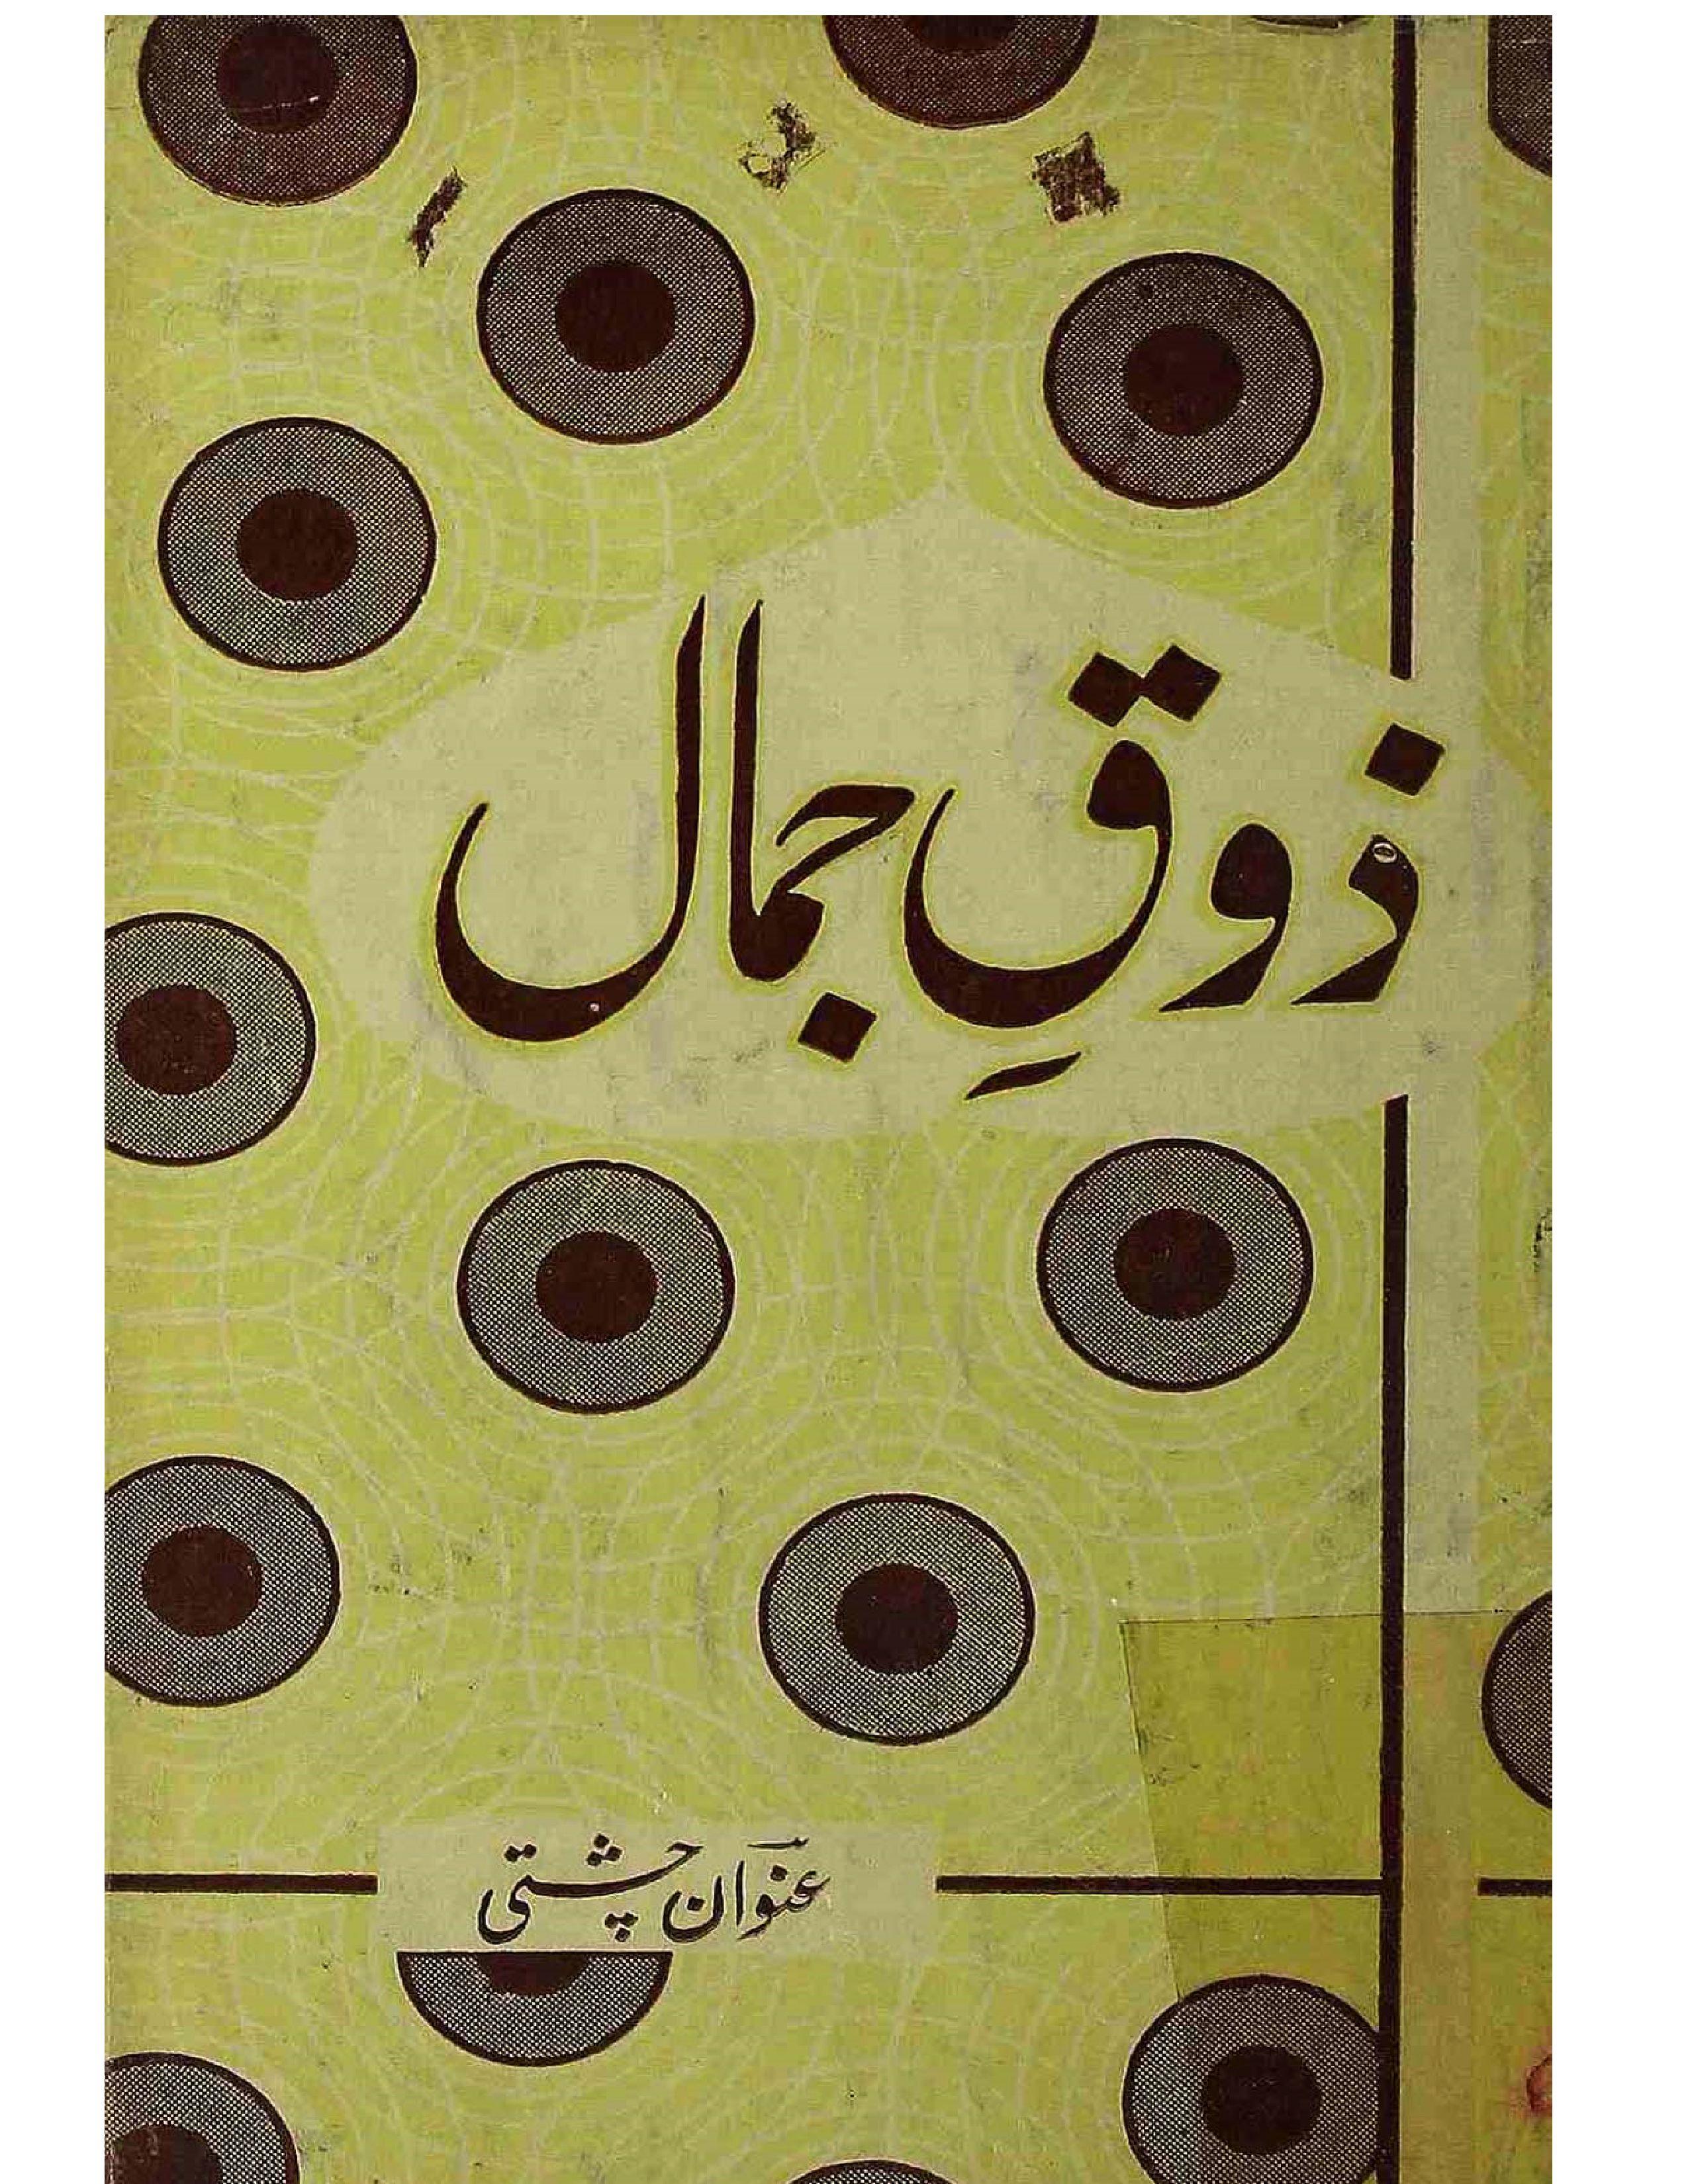 Zauq-e-Jamal